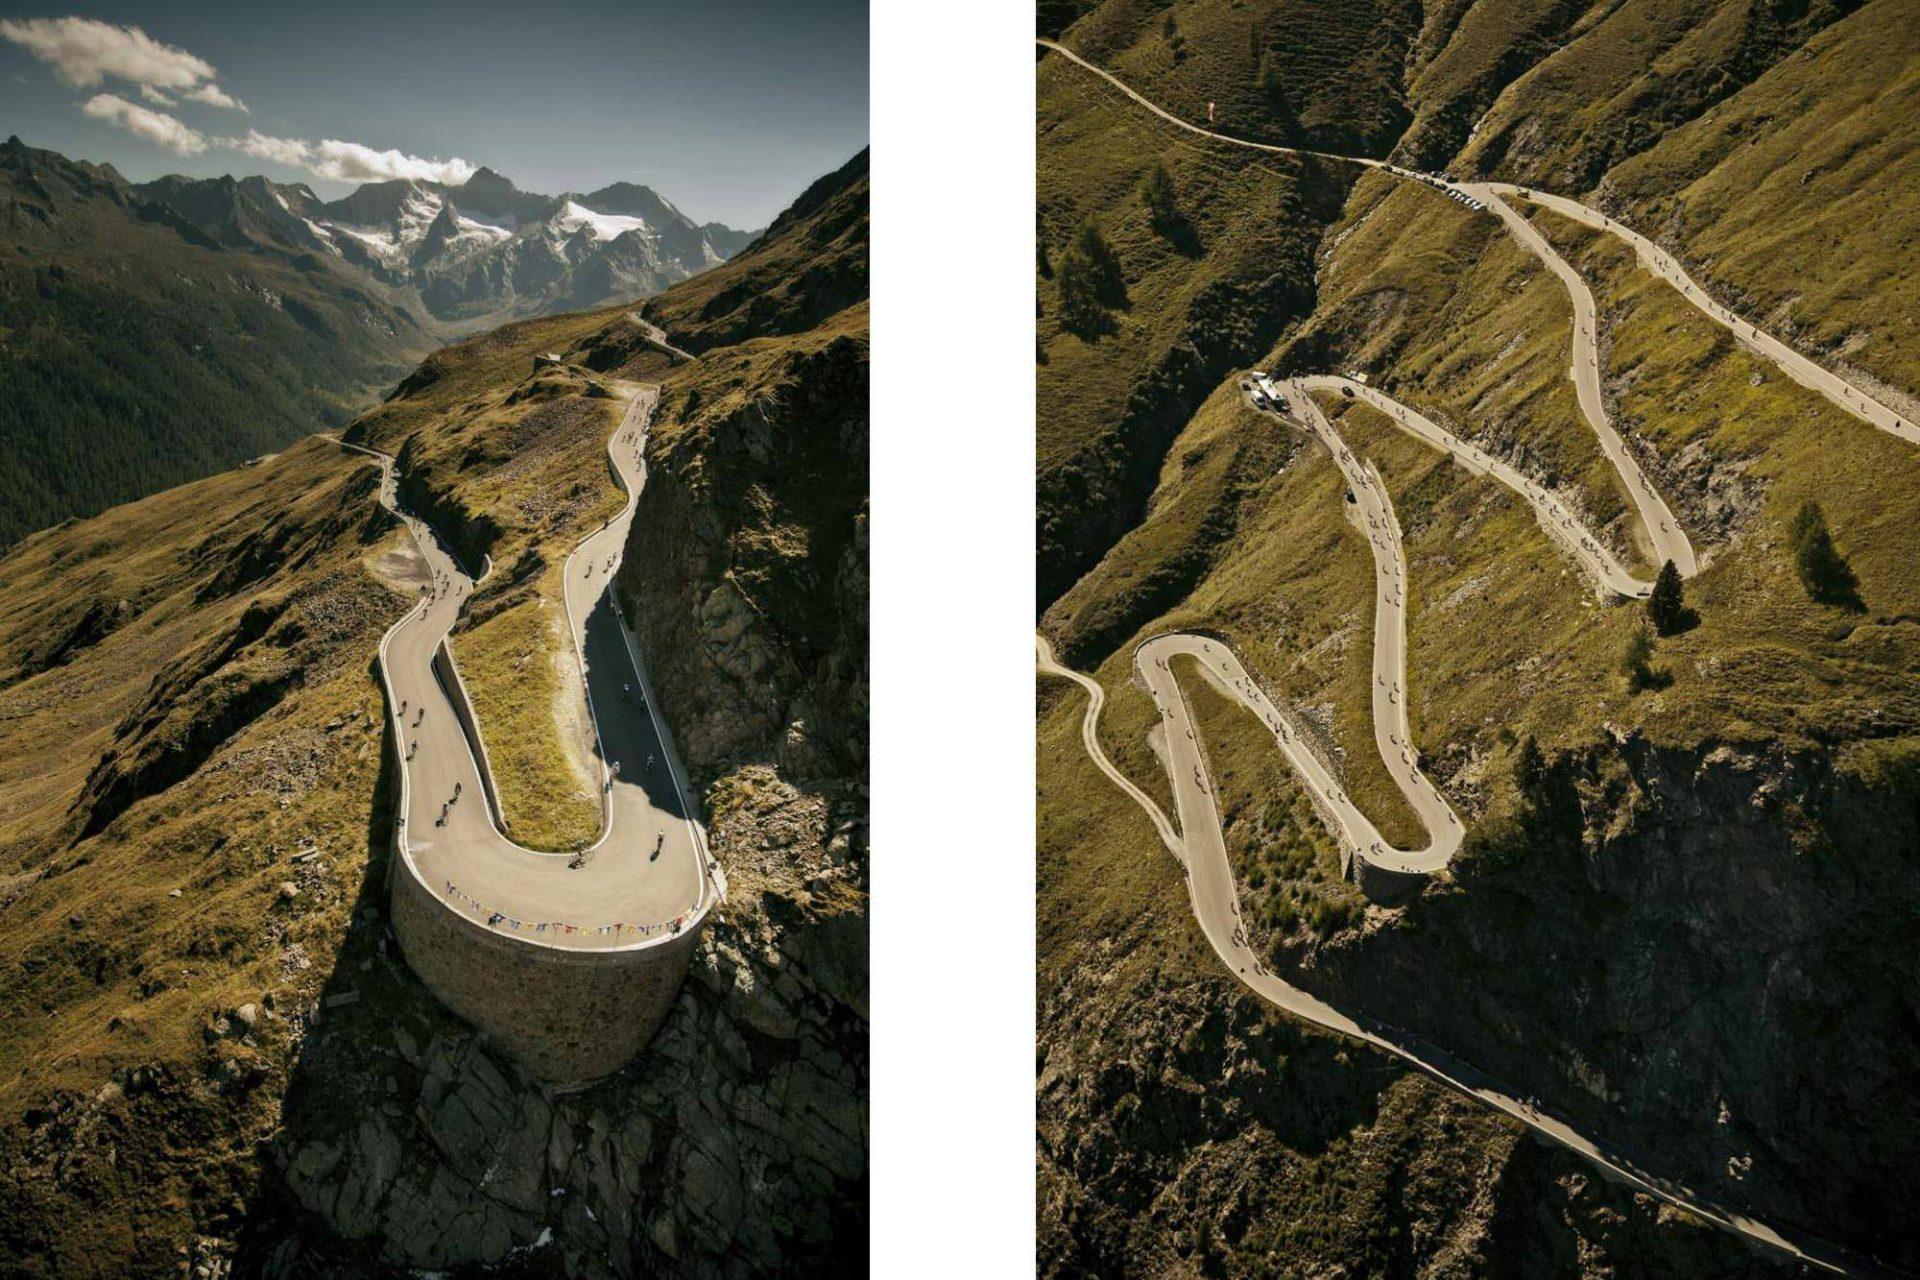 Timmelsjoch Passstraße. Über 70 Serpentinen verbindet die Passstraße das österreichische Bundesland Tirol mit der italienischen Provinz Südtirol.